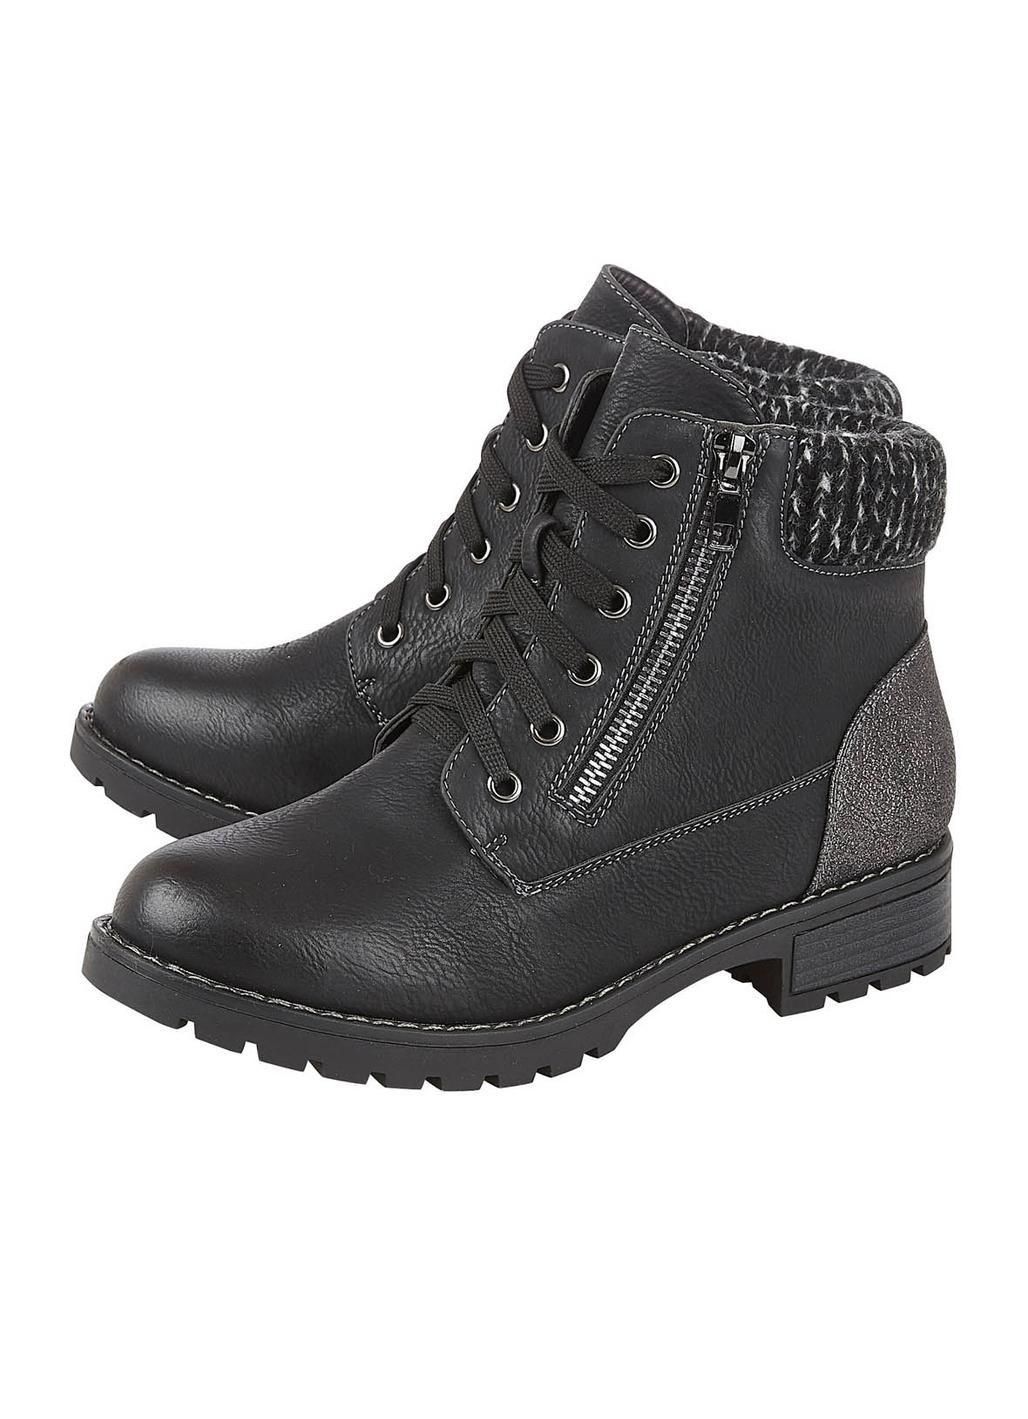 Lotus Emmeline Ankle Boots in Black